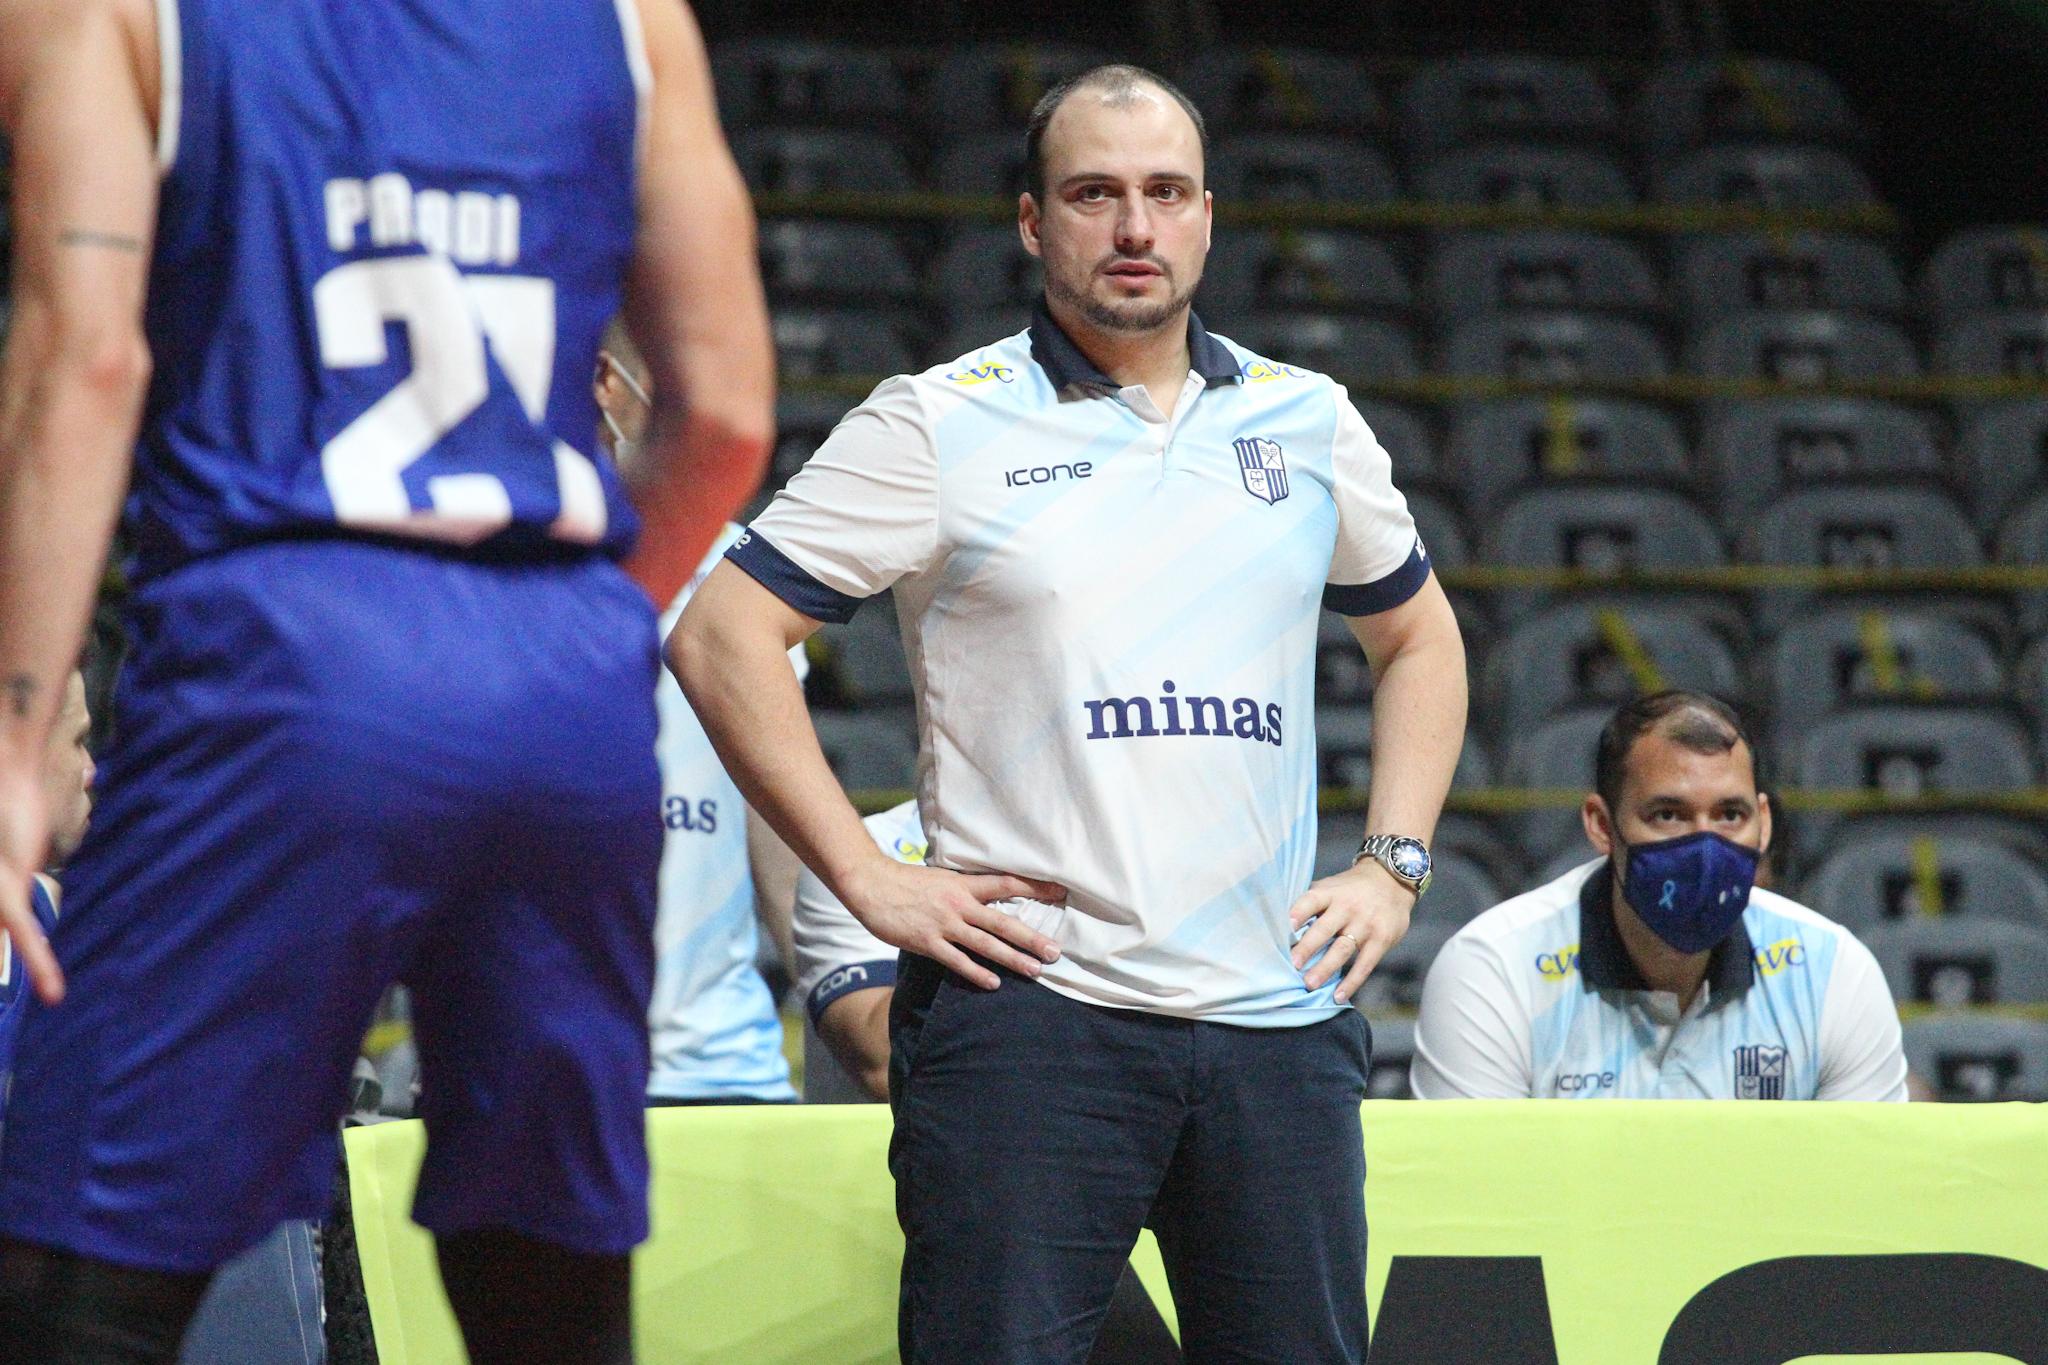 Técnico Léo Costa espera que a equipe consiga reagir como reagiu em jogos passados (Foto: Mari Sá/LNB)